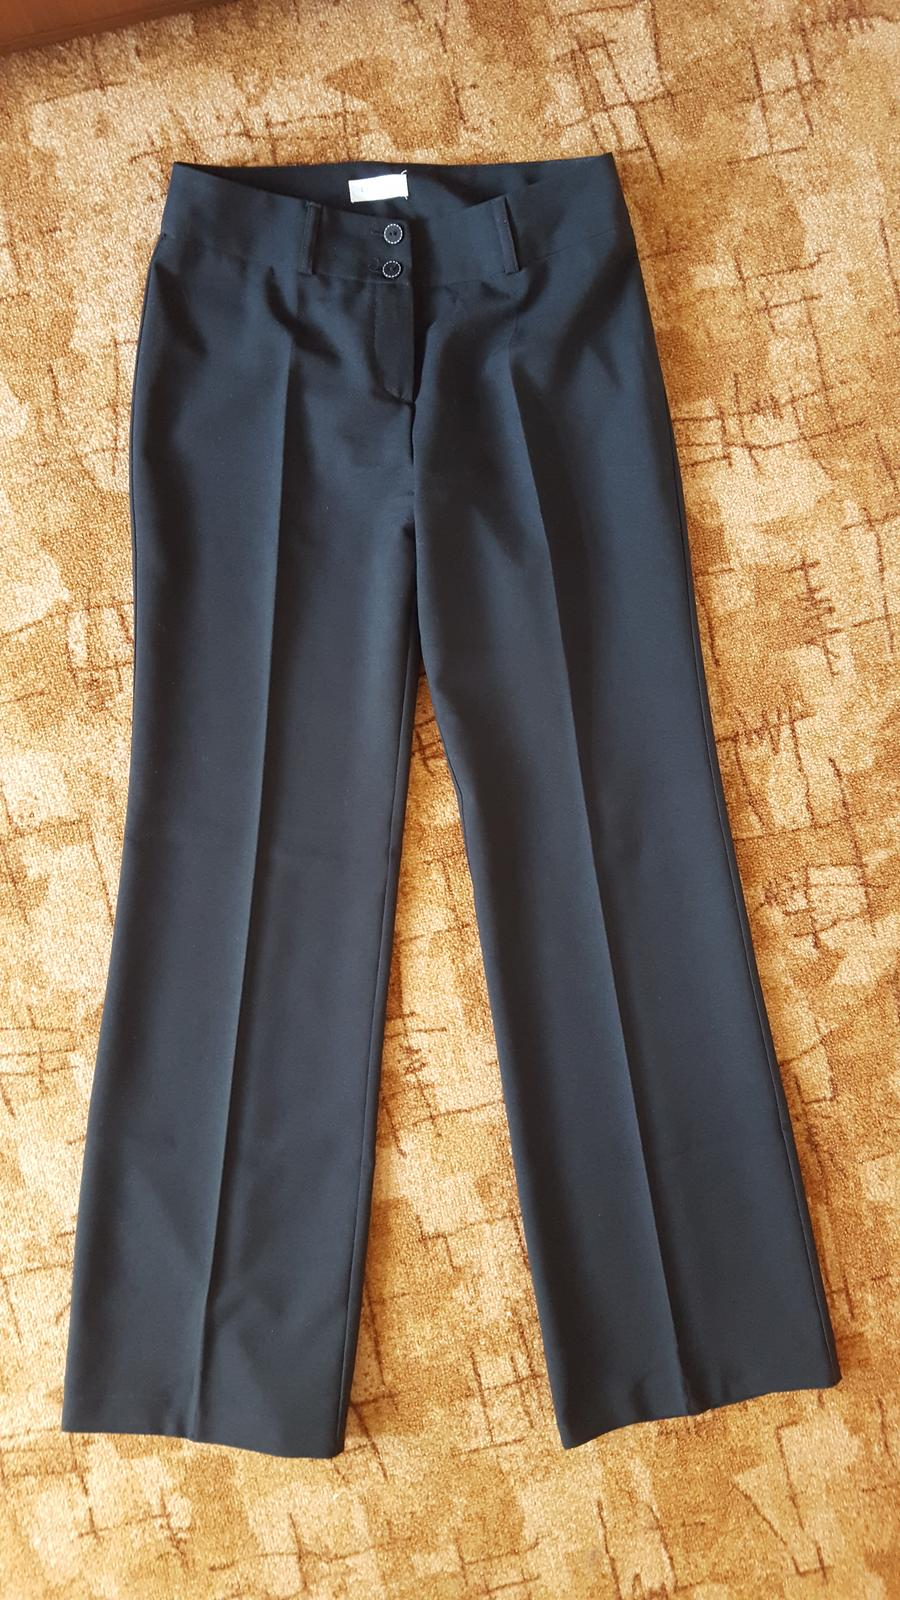 Společenské černé kalhoty s puky zn. Orsay - Obrázek č. 1